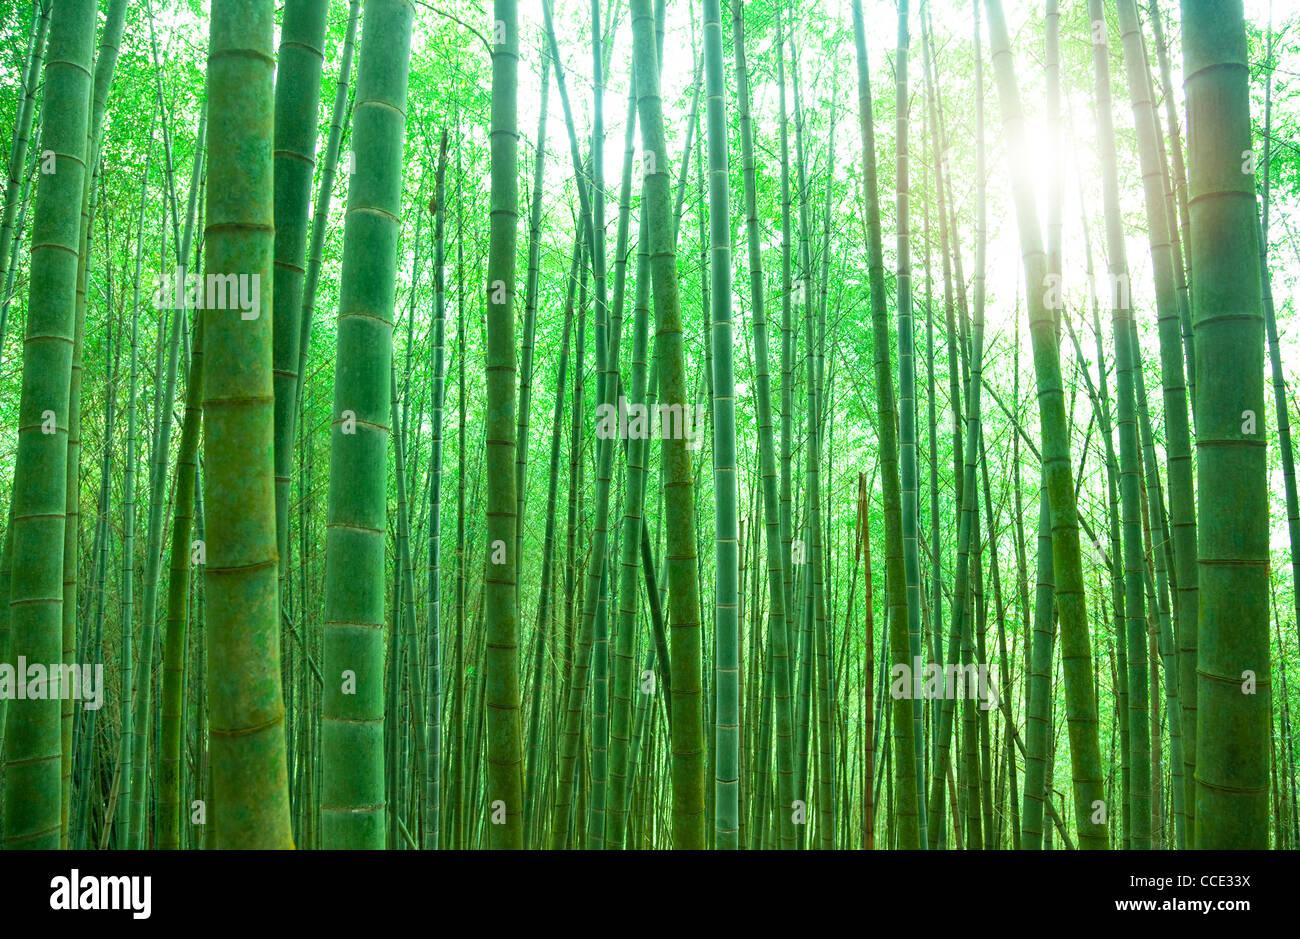 Verde foresta di bamboo con la luce solare Foto Stock